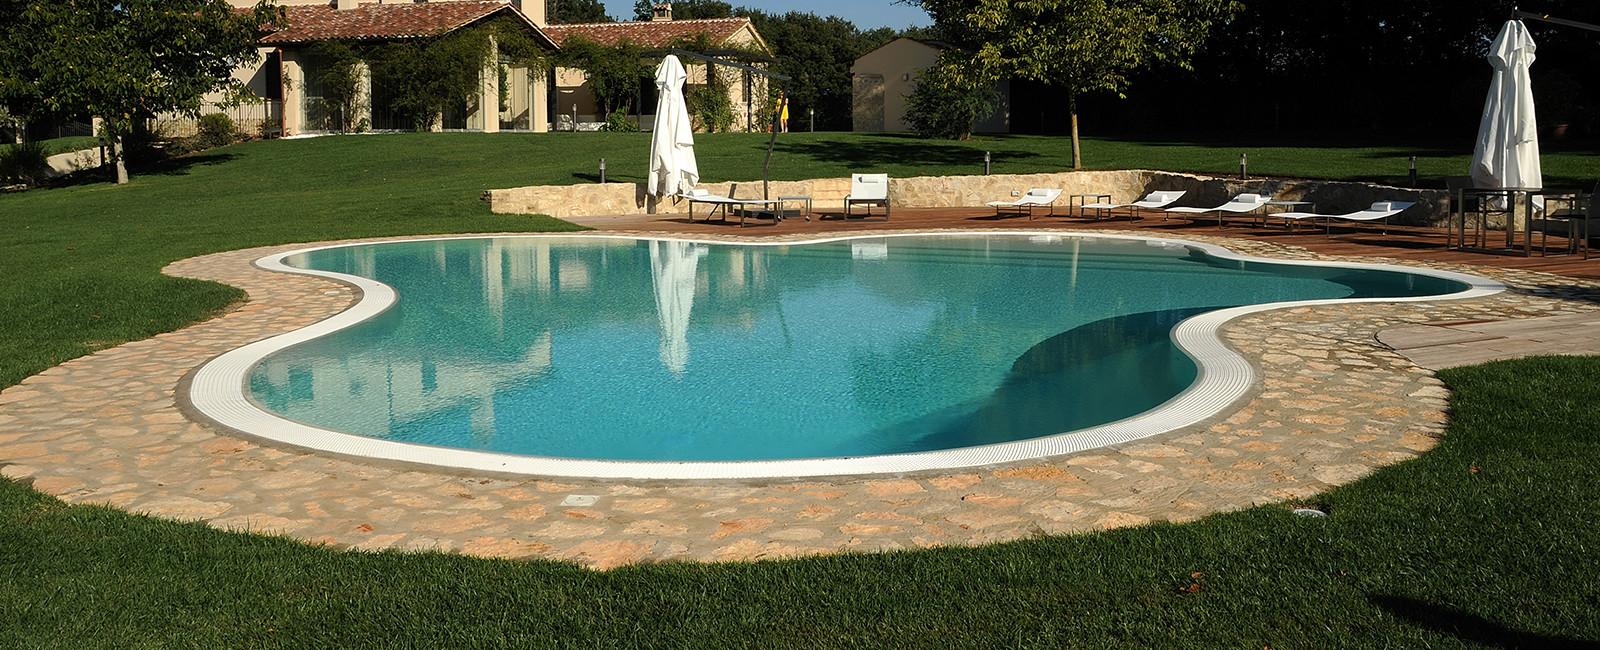 Piscine busatta contattaci per conoscere le nostre for Busatta piscine